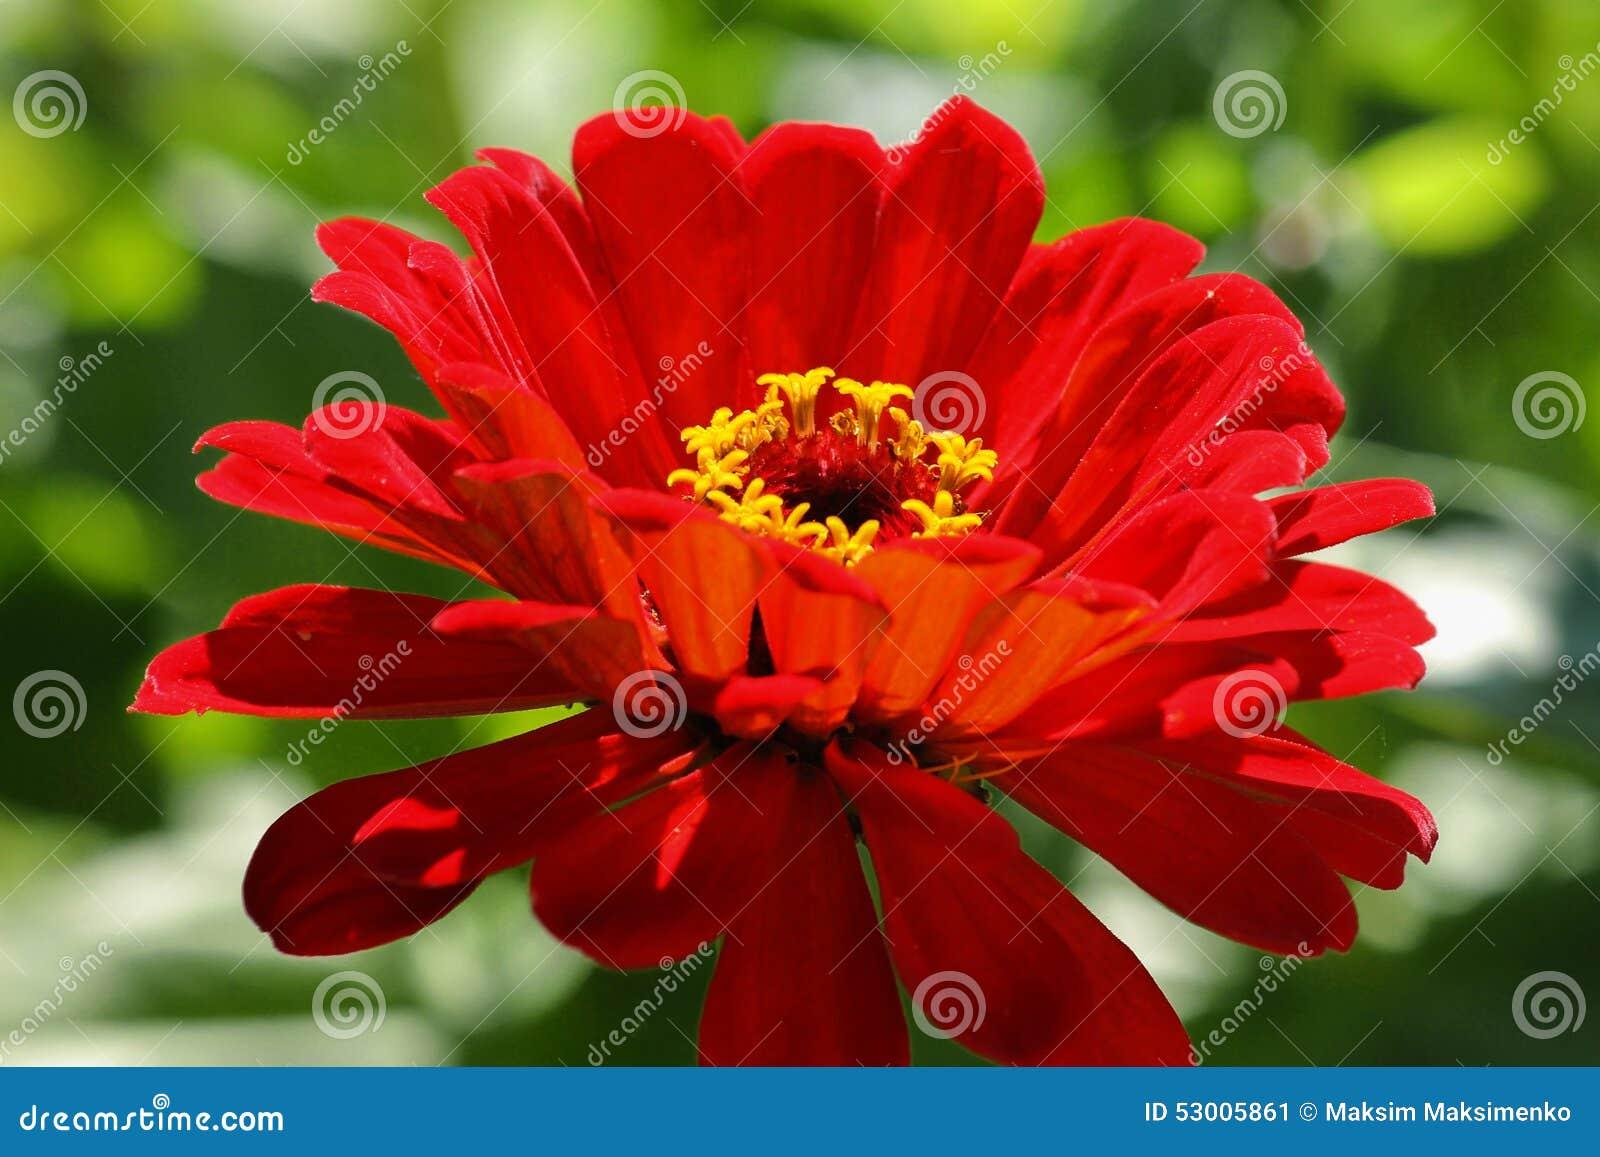 Red flower stock image image of macro petal gerbera 53005861 red flower mightylinksfo